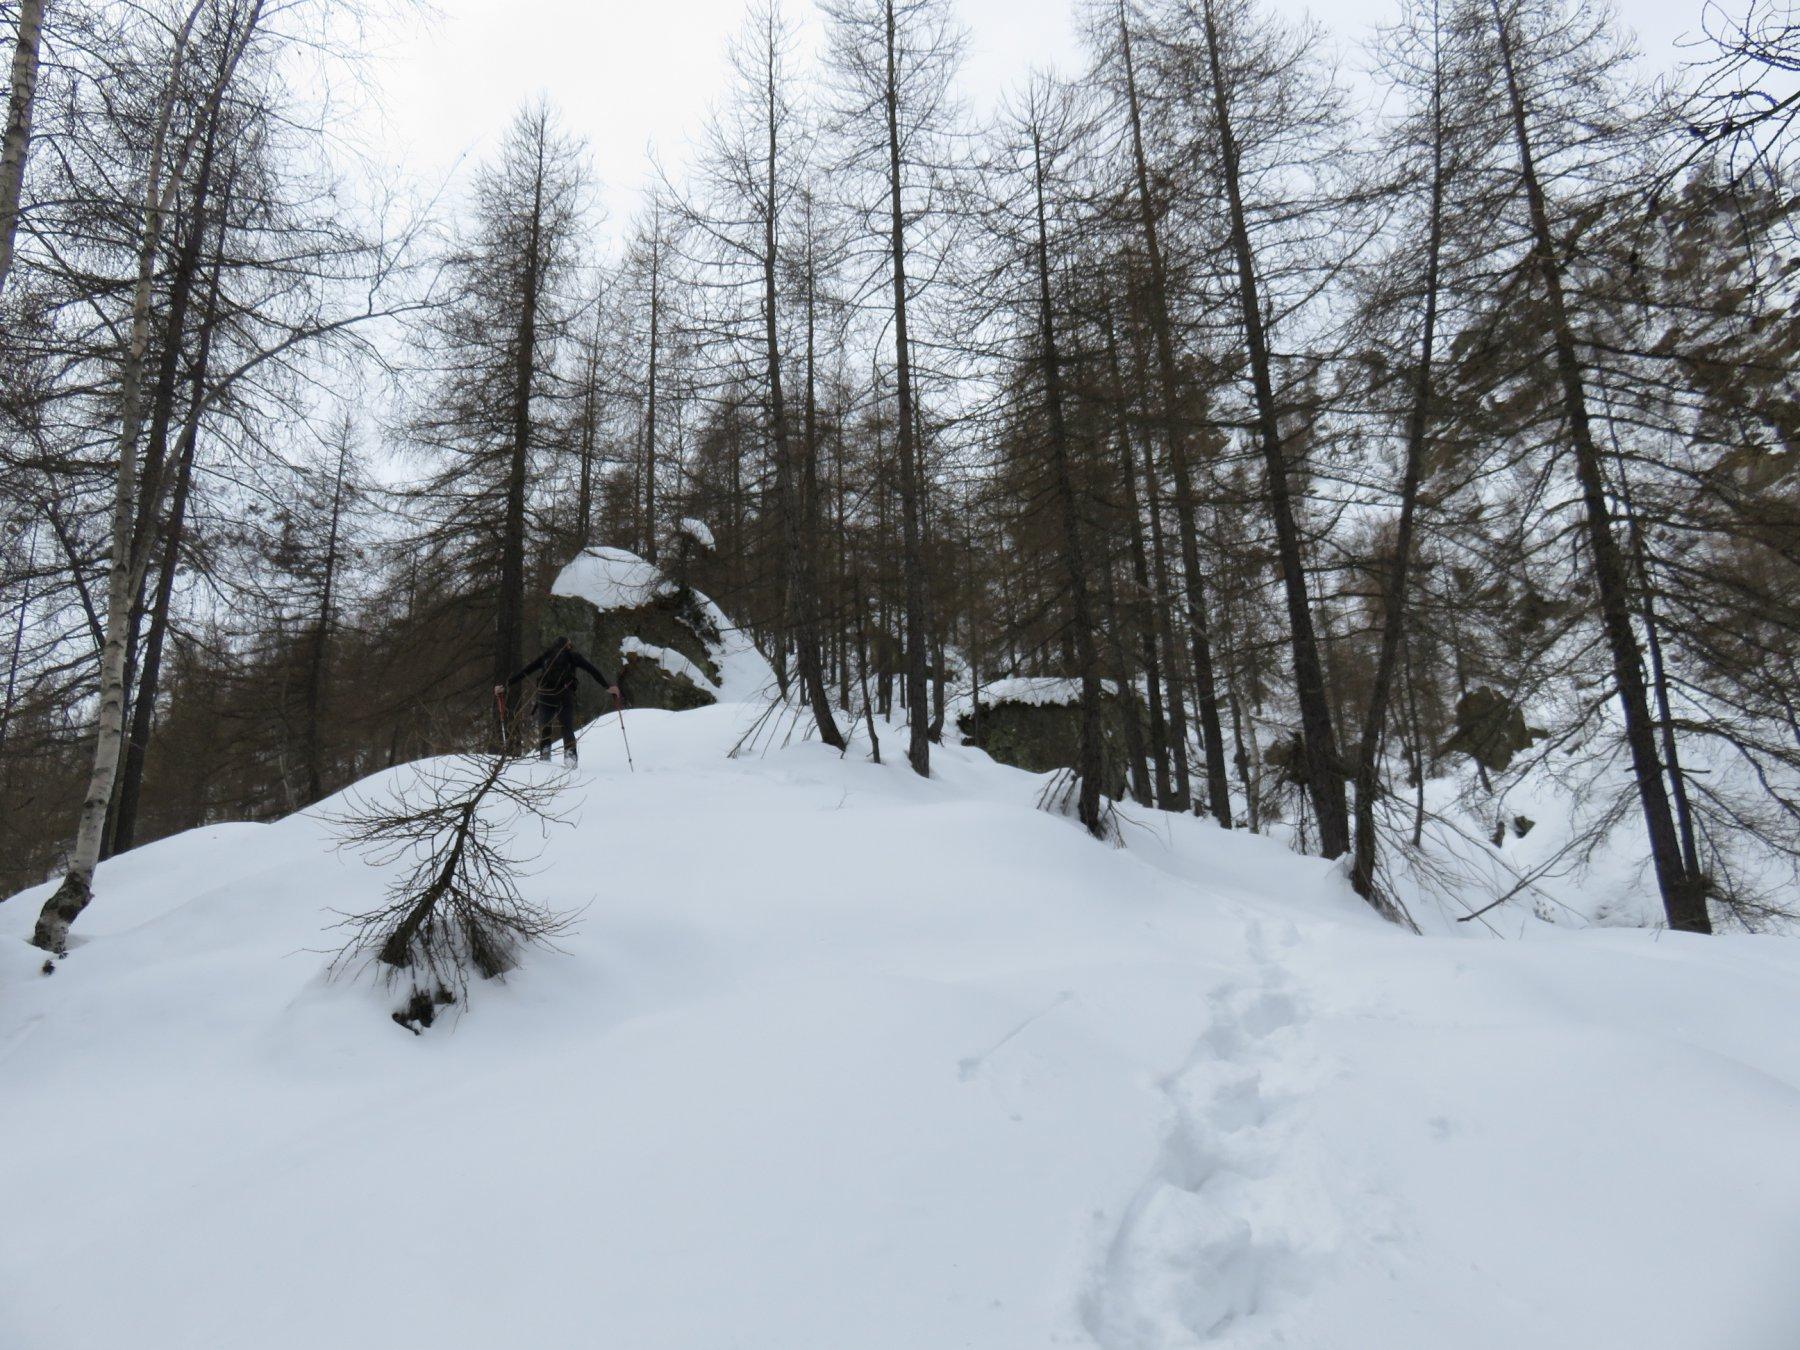 Inizio del tratto bosco con pietraia a grossi blocchi